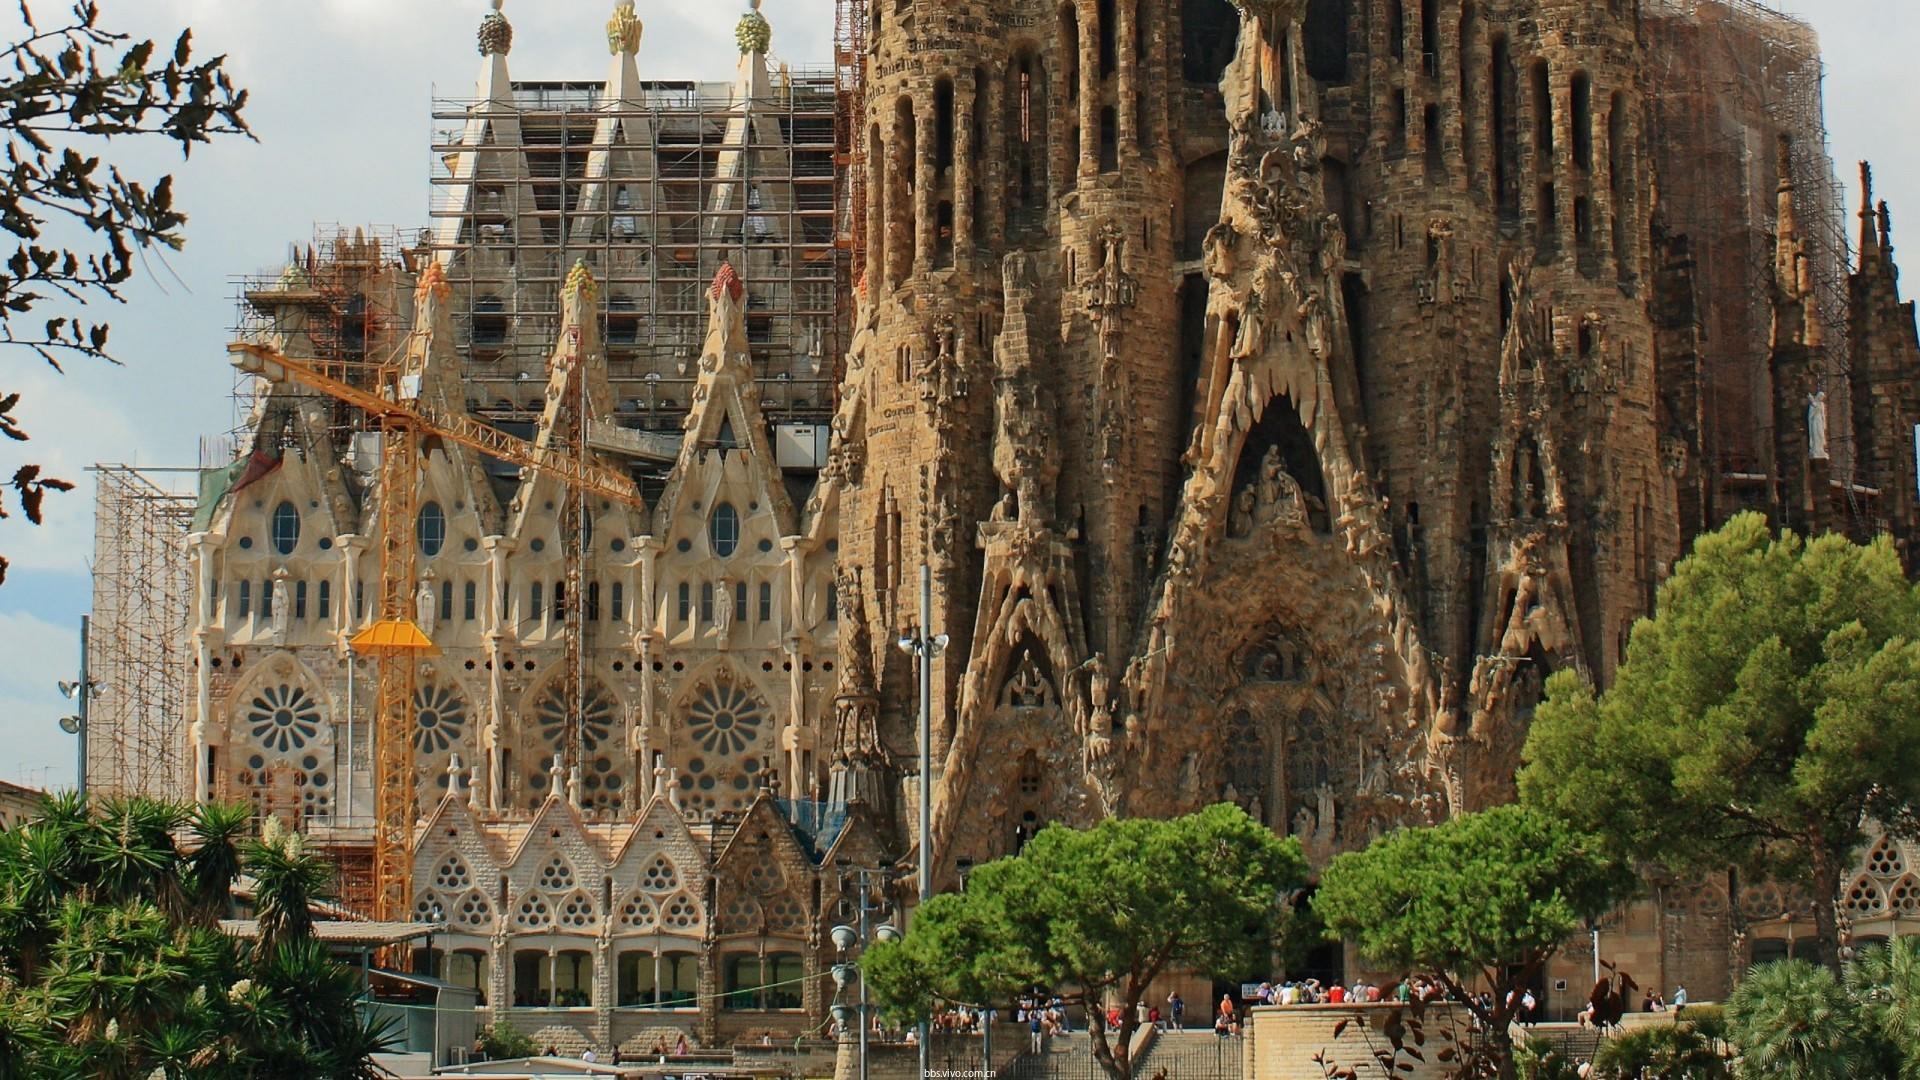 【v粉主题素材壁纸】异国建筑风景图片高清壁纸